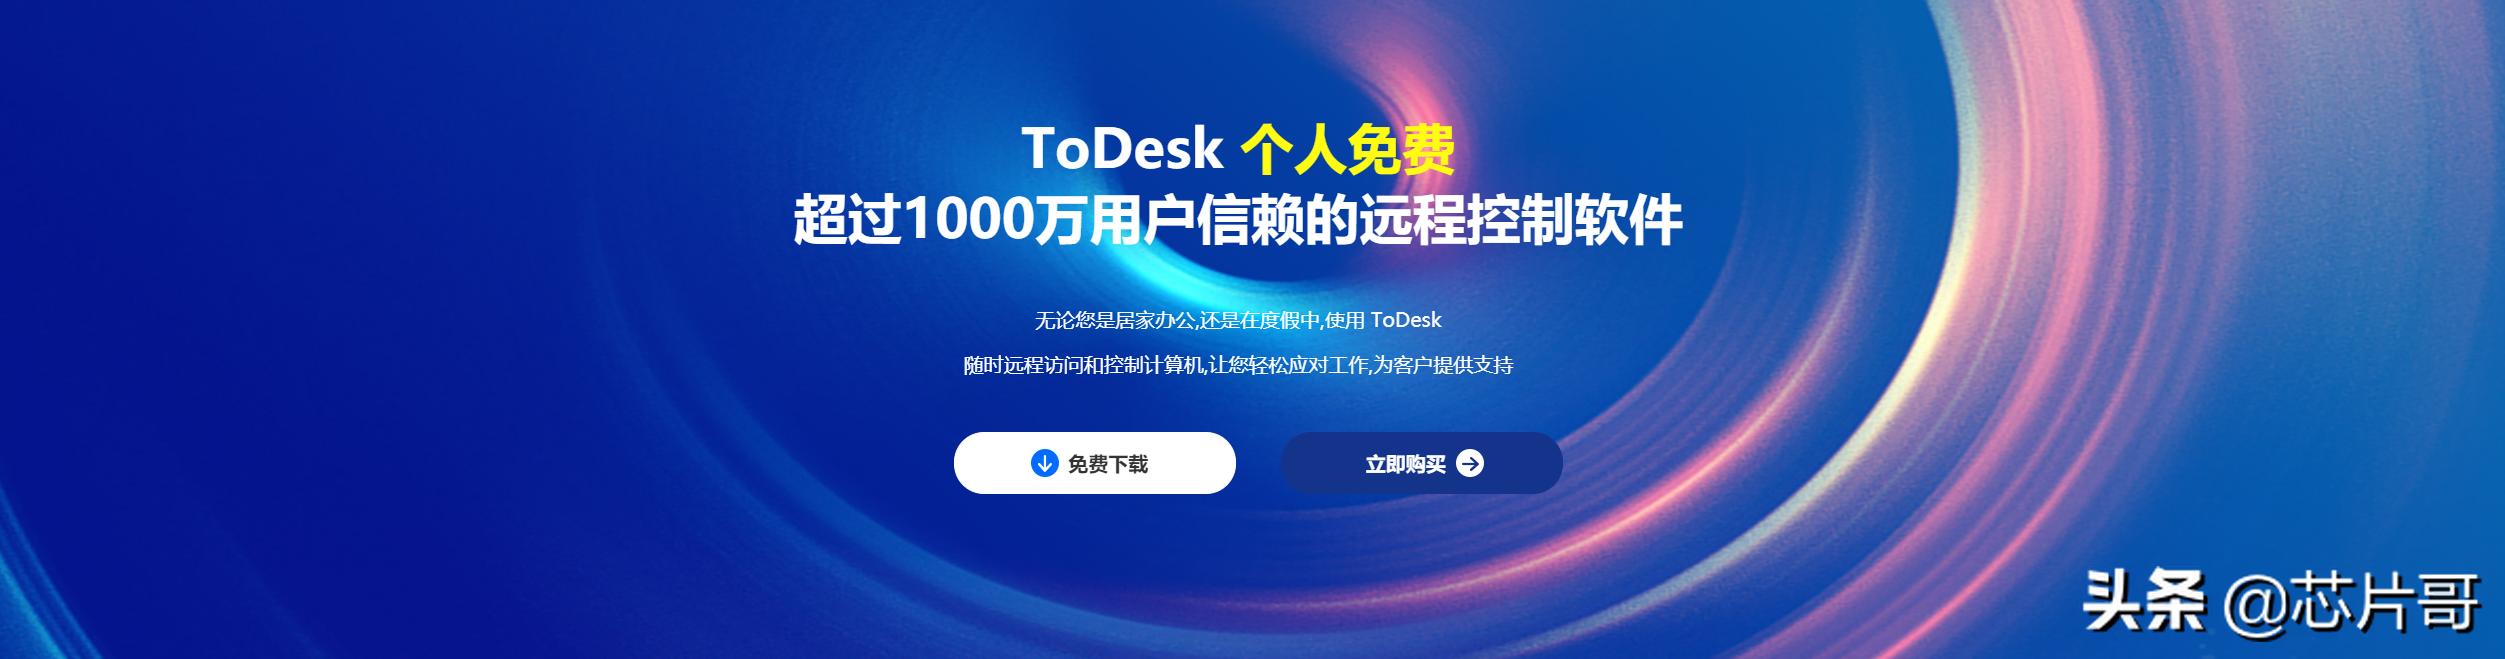 远控软件除了向日葵、TeamViewer,ToDesk更具性价比的选择